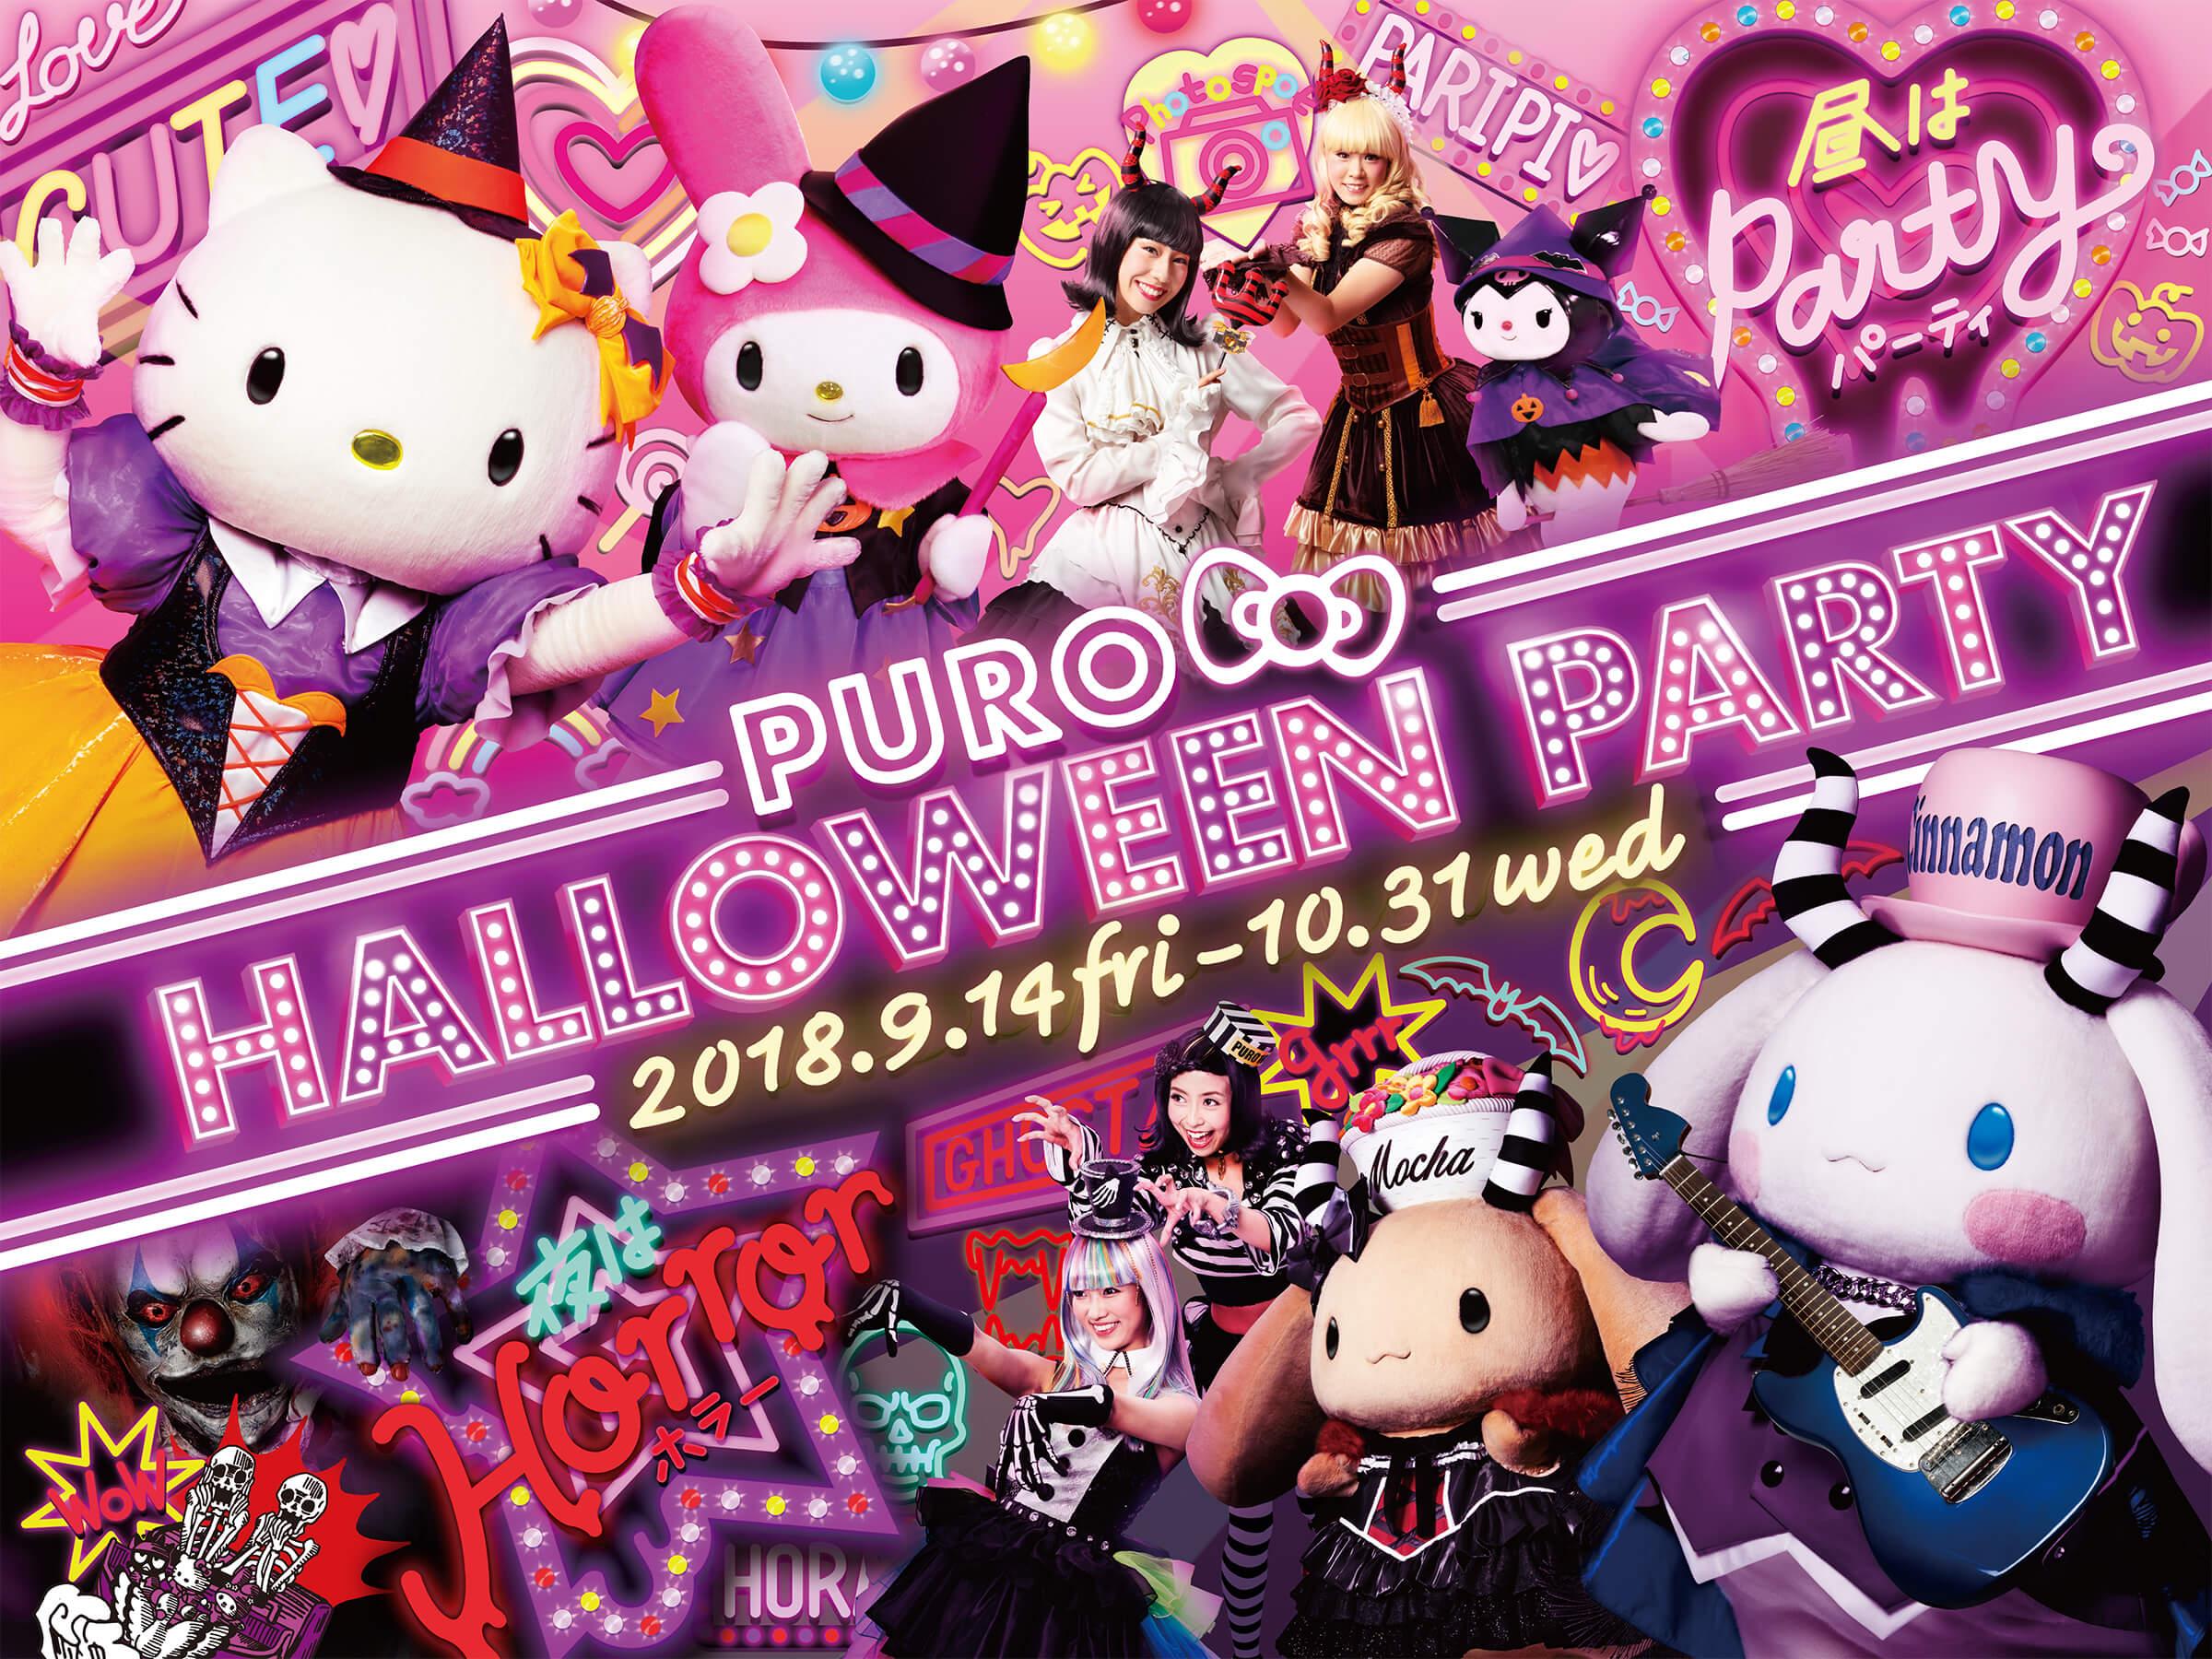 三麗鷗彩虹樂園將舉辦白天和夜晚雙重享樂的「PURO HALLOWEEN PARTY」 三麗鷗彩虹樂園、萬聖節、